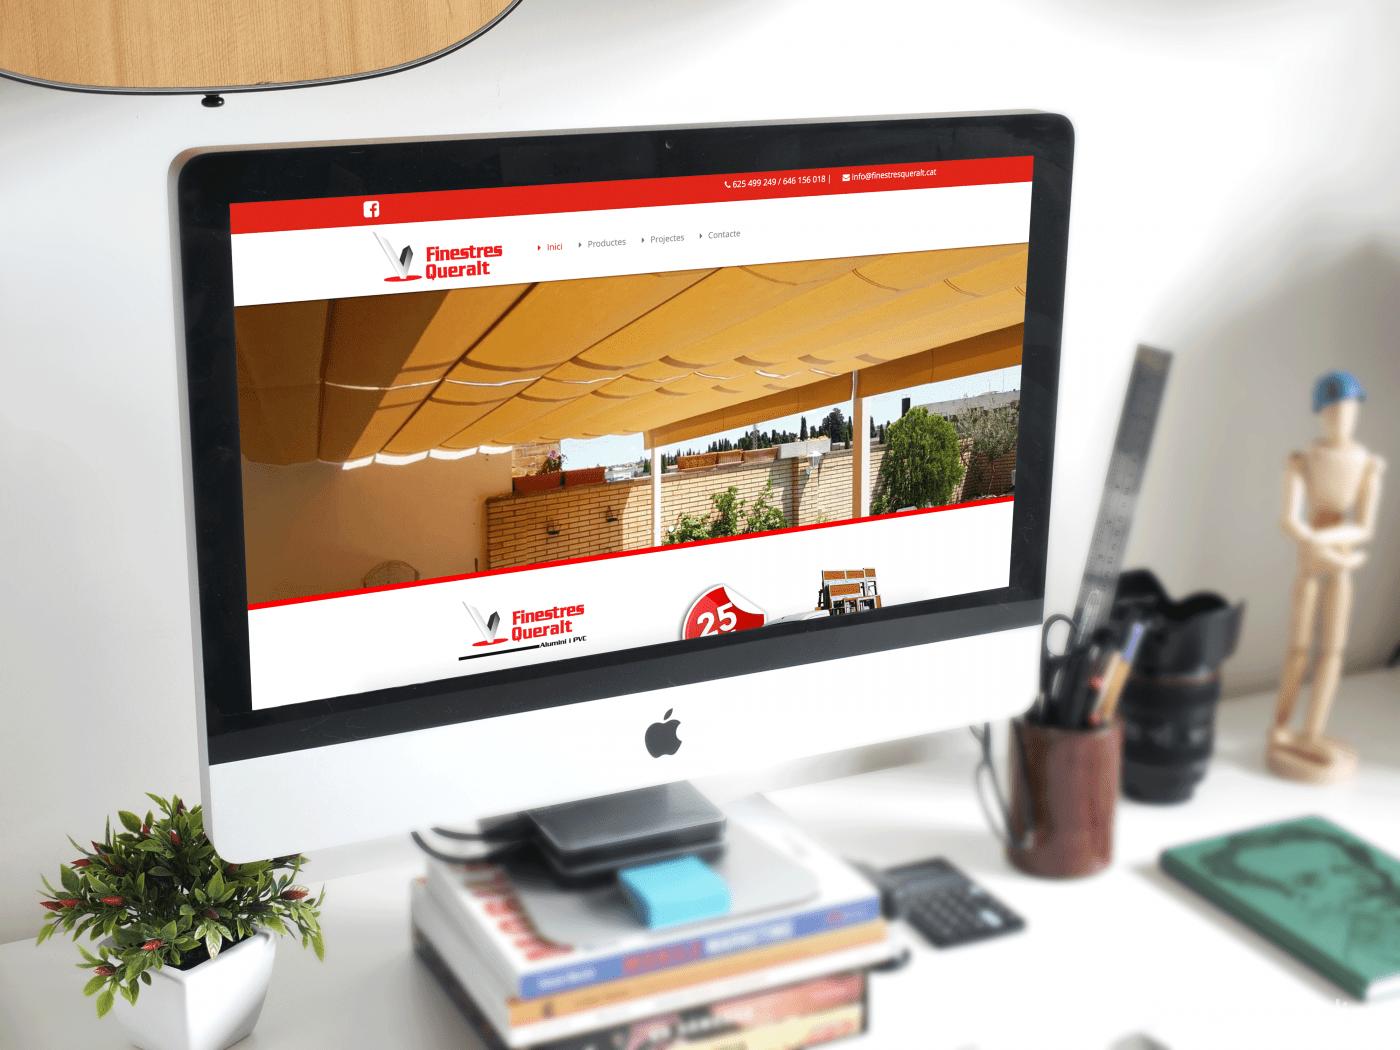 Nova pàgina web per a l'empresa Finestres Queralt